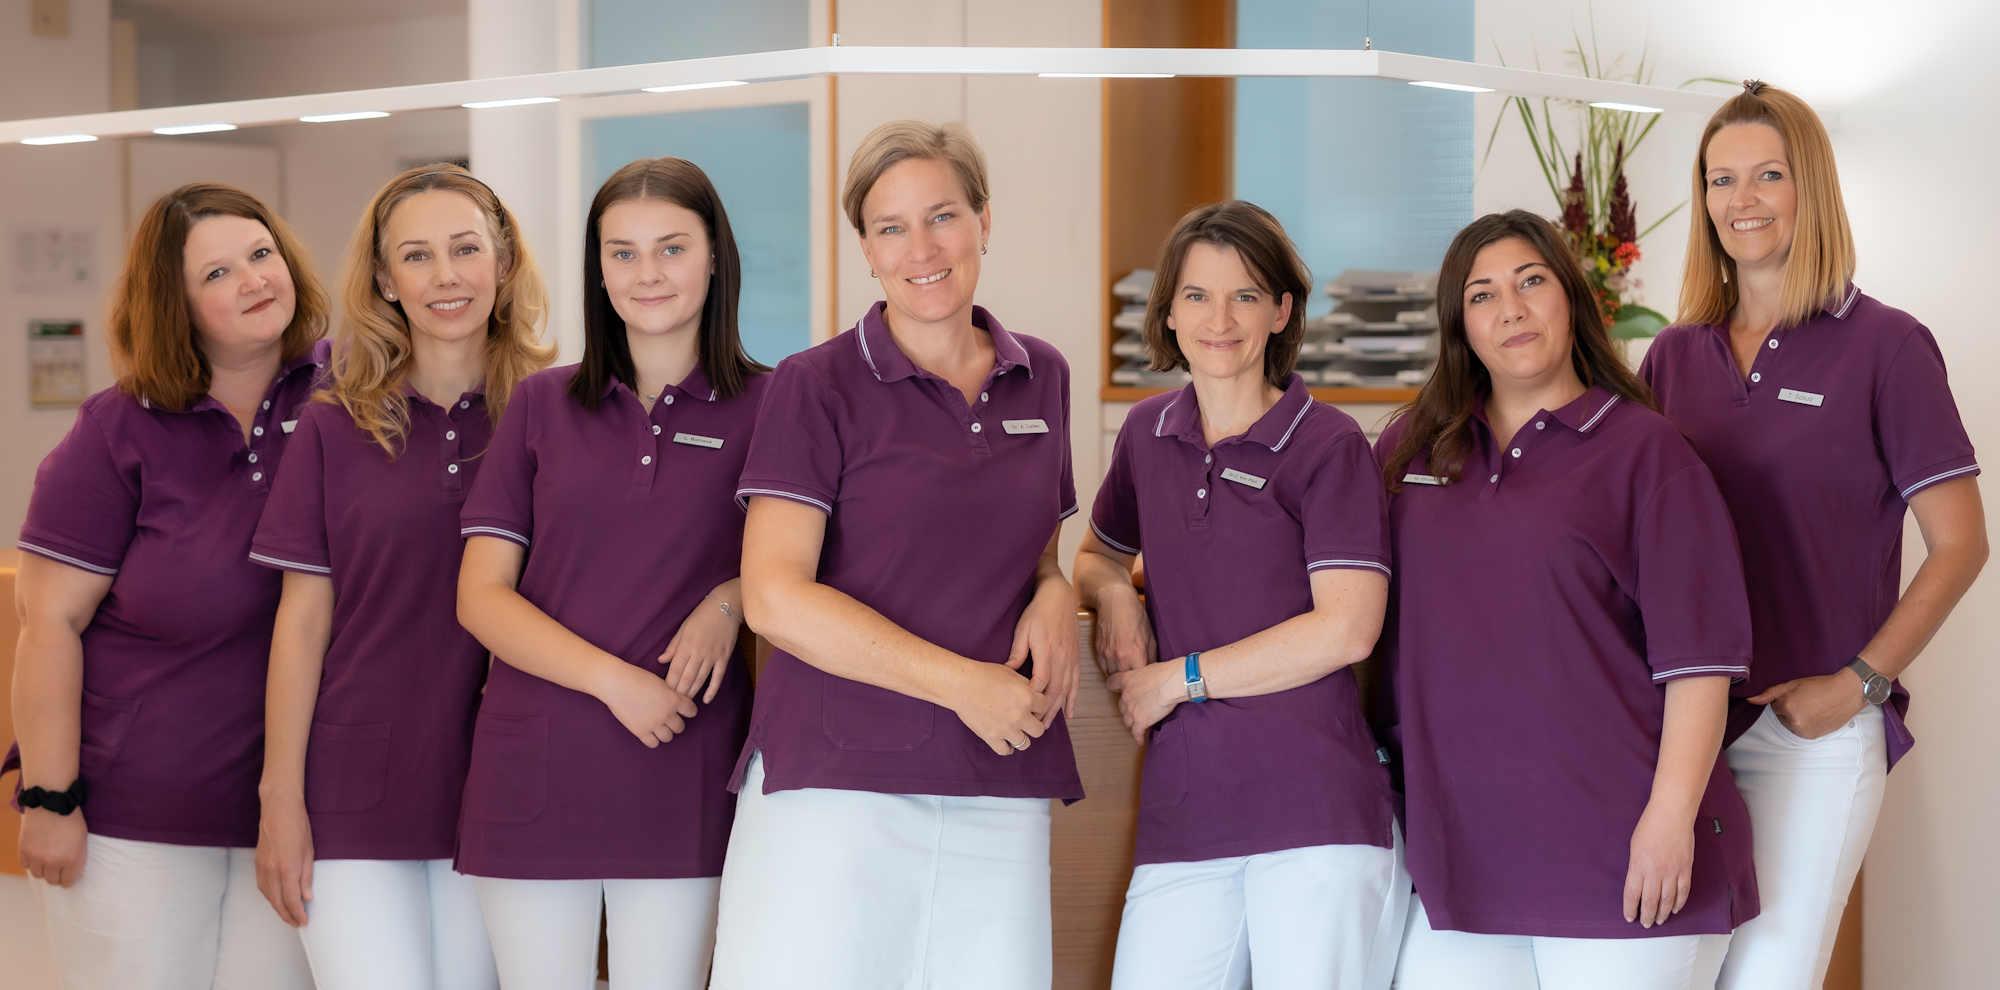 Das Team der Praxis für Frauenheilkunde und Geburtshilfe Praxis Dr. Lieber